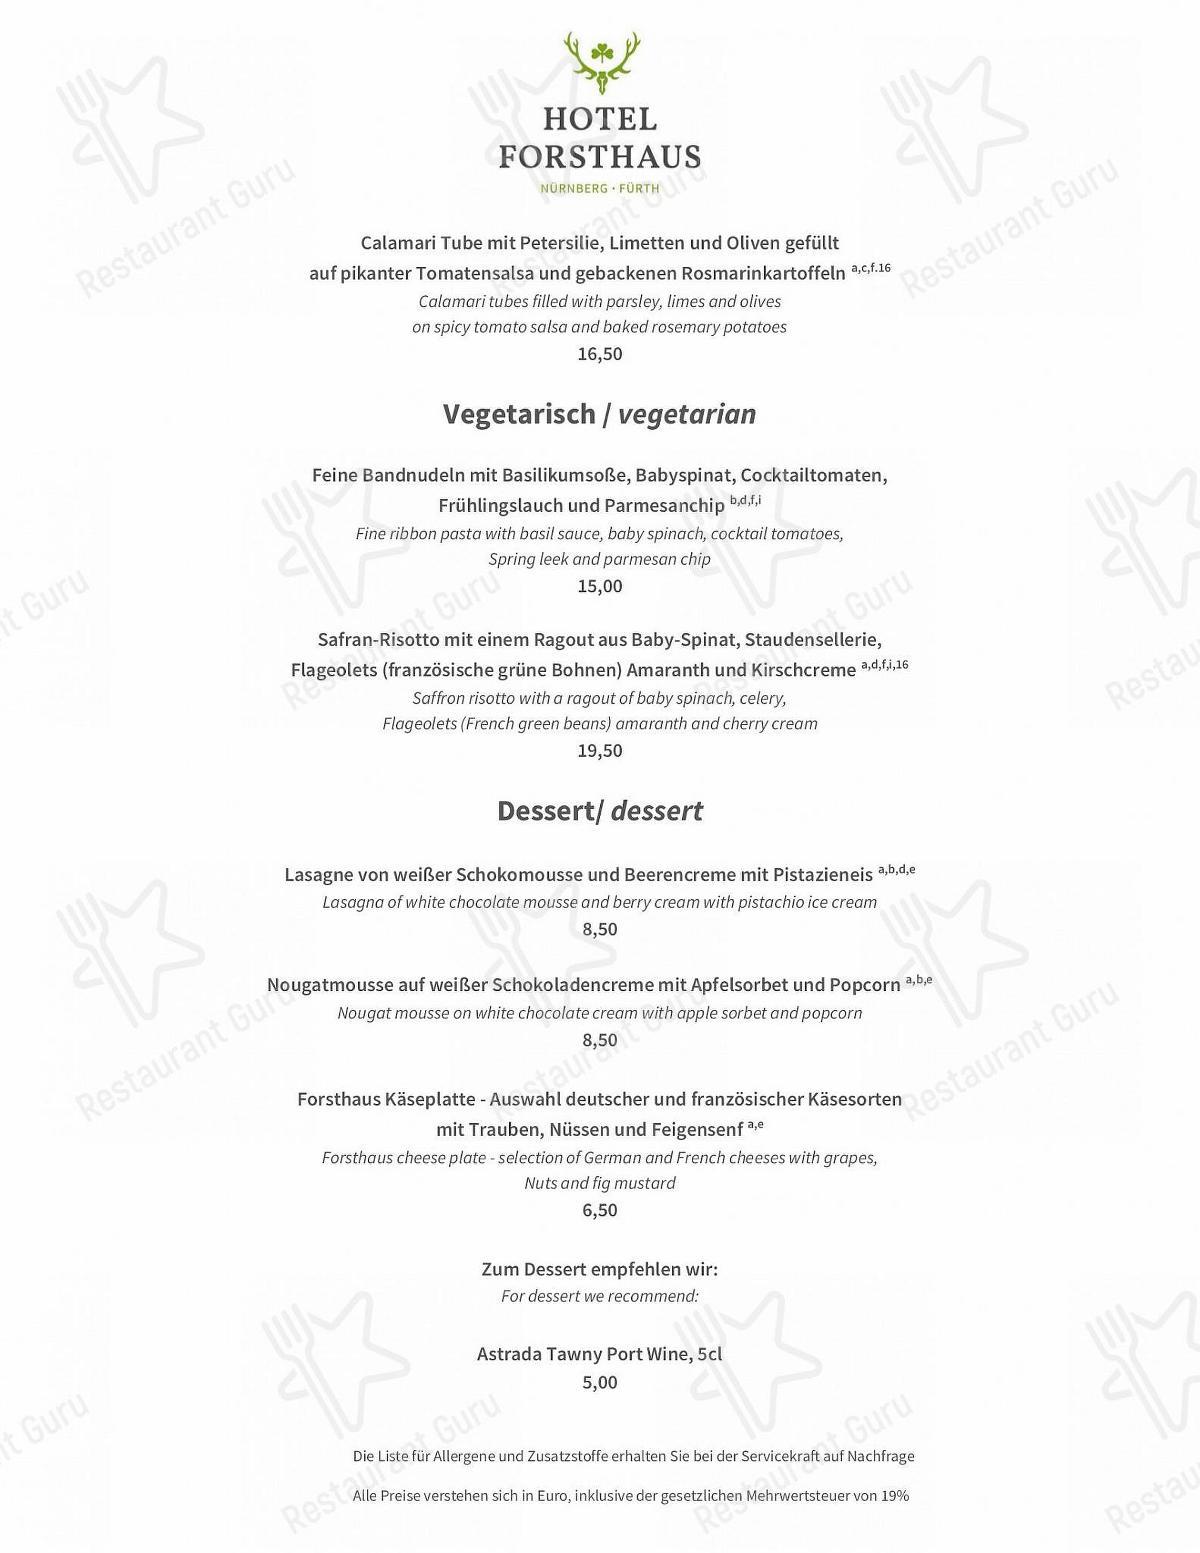 Maximilians Restaurant Speisekarte